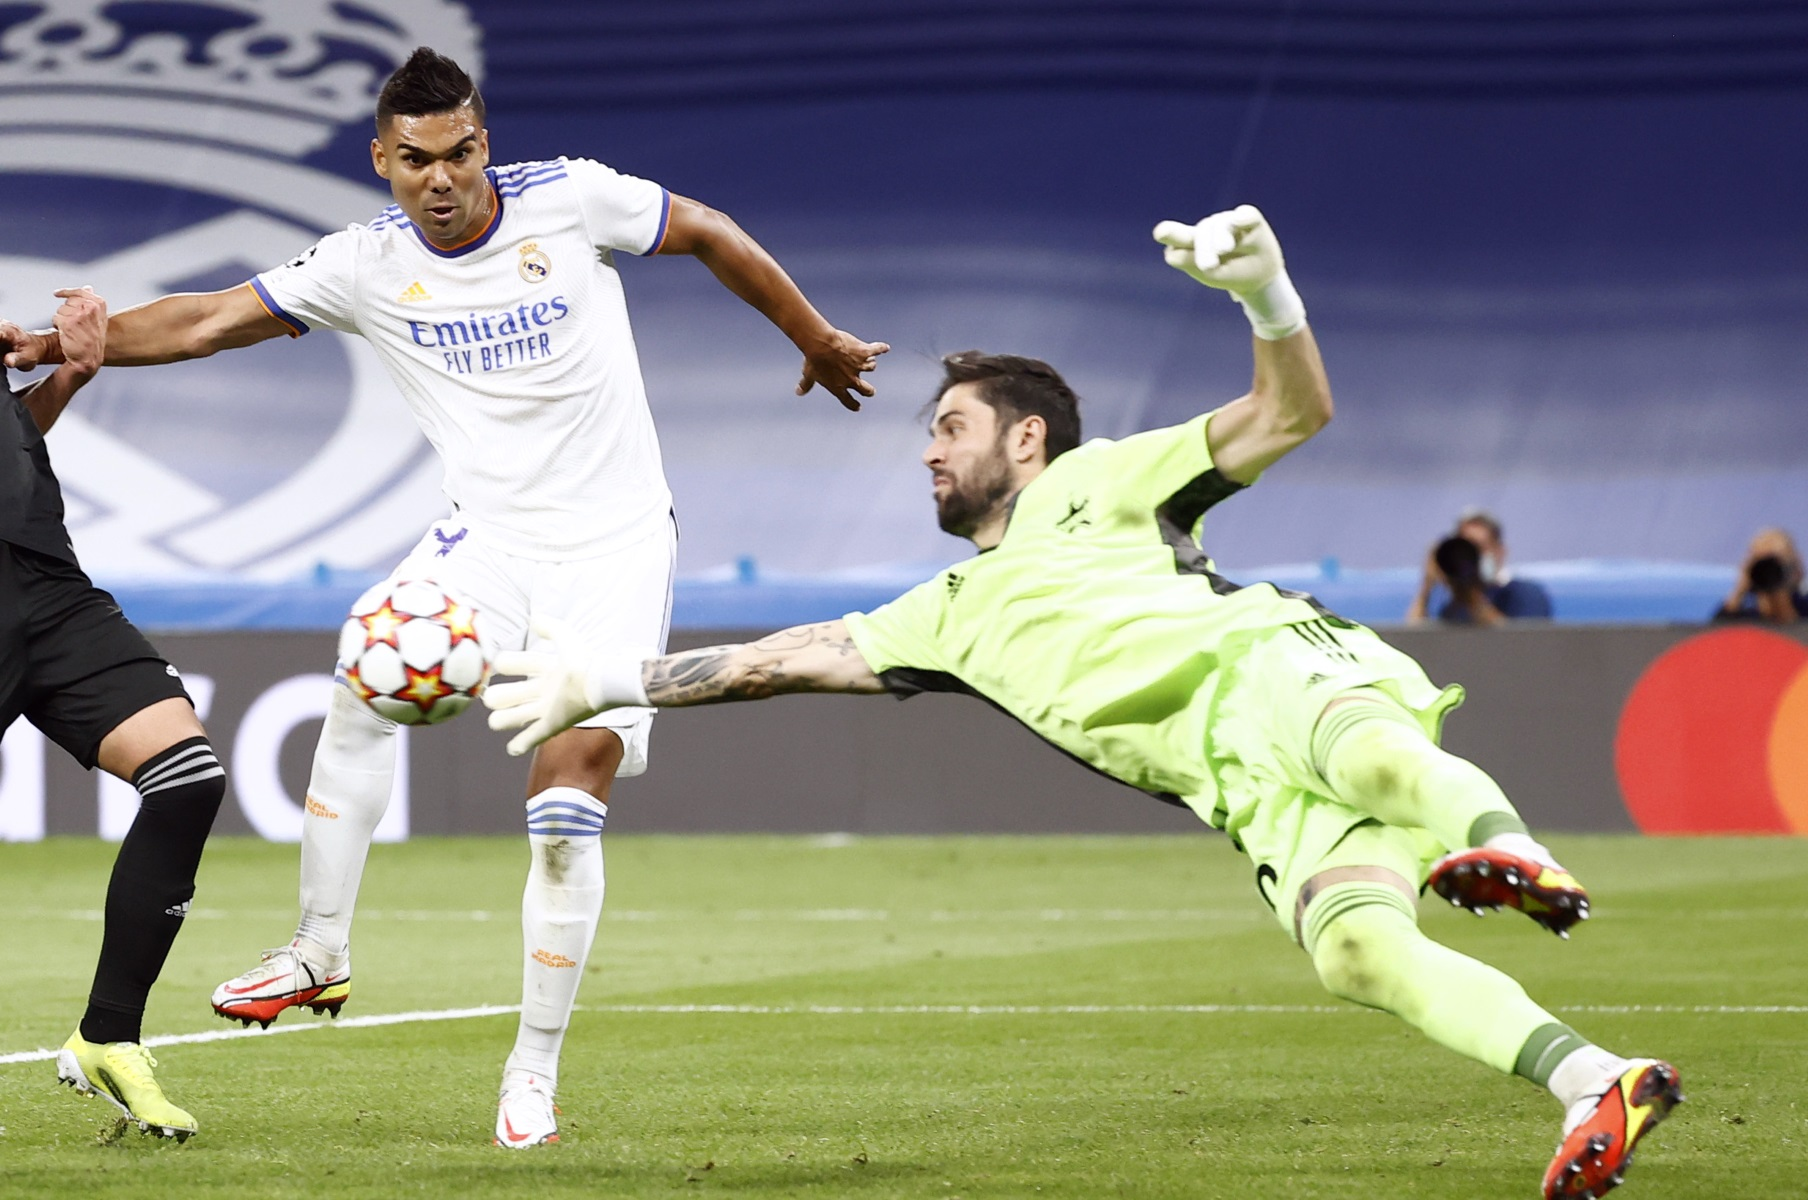 Γιώργος Αθανασιάδης: Παίκτης της εβδομάδας στο Champions League ο Έλληνας τερματοφύλακας